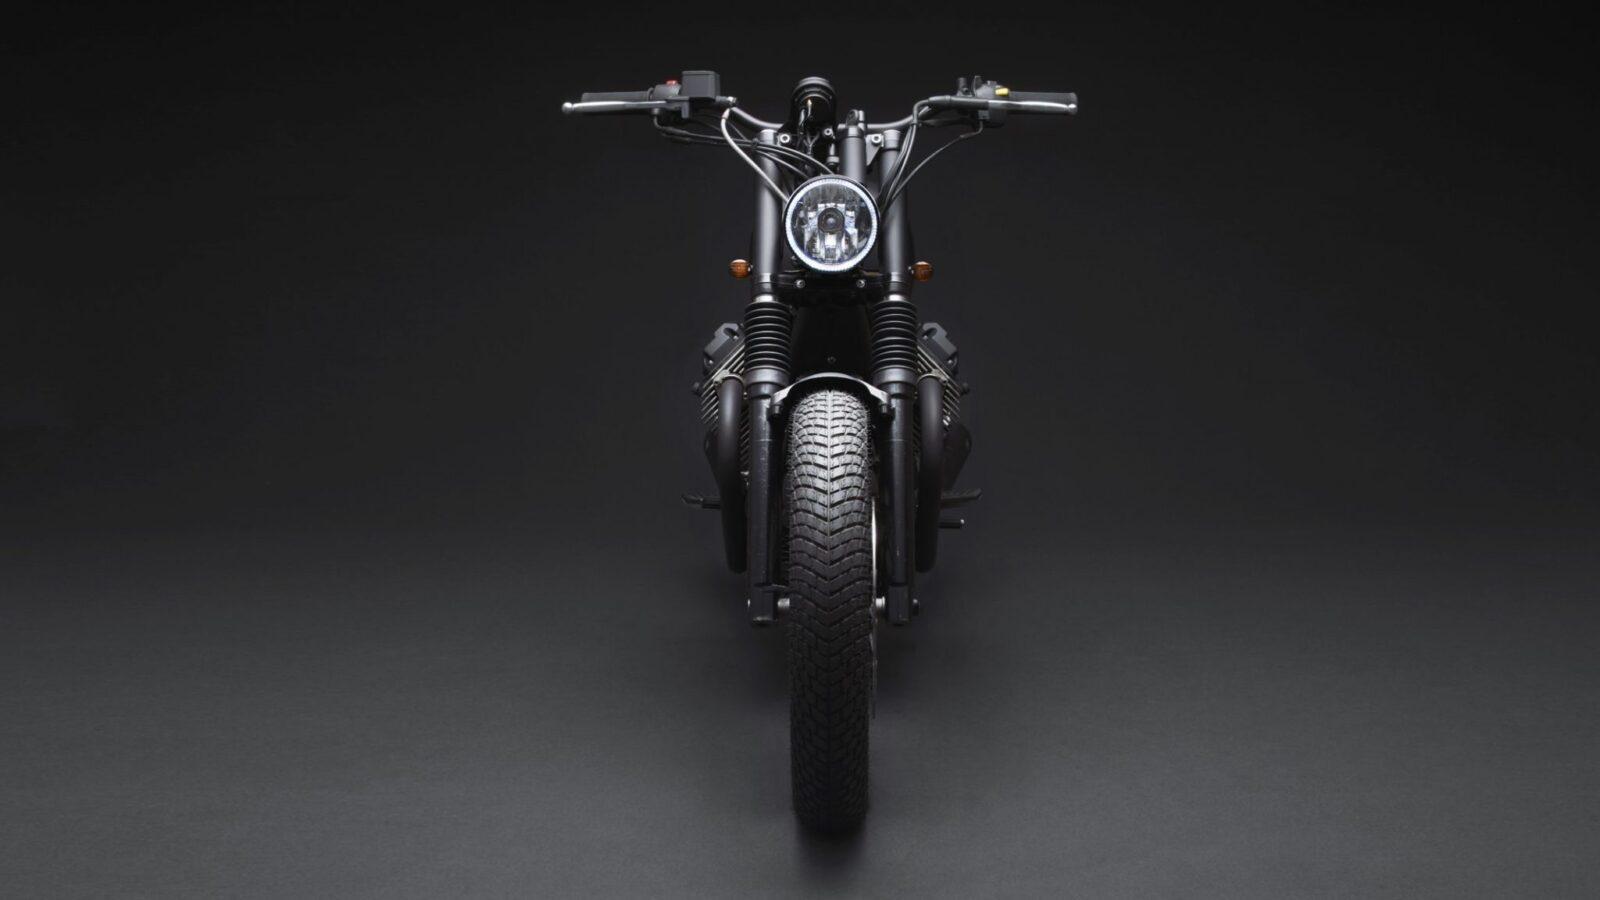 Moto Guzzi V7 Scrambler 7 1600x900 - Venier Customs Moto Guzzi V7 Scrambler